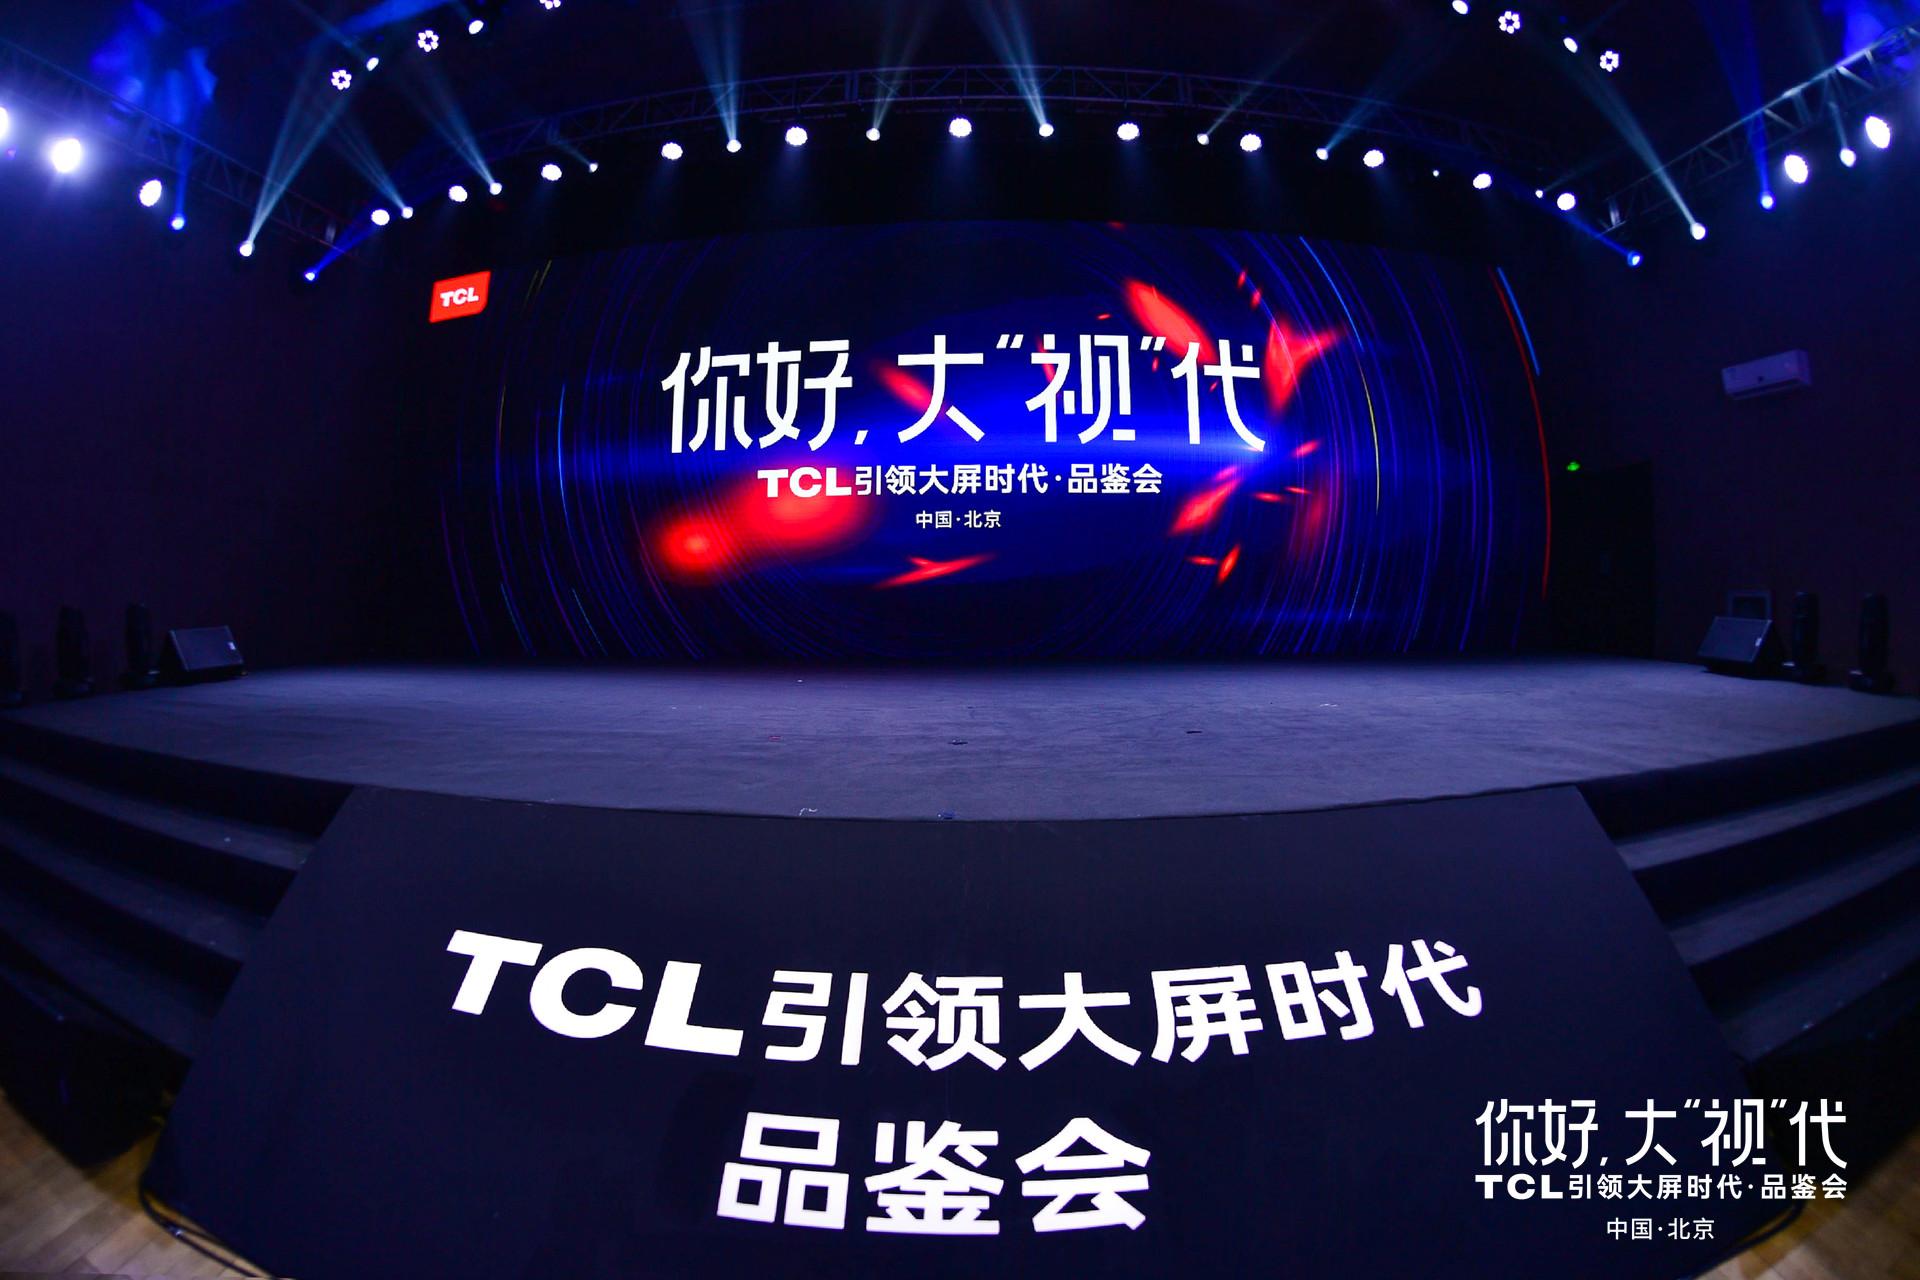 """TCL化身""""懂你的大屏音画专家"""",发布 75-100寸超大屏产品矩阵"""